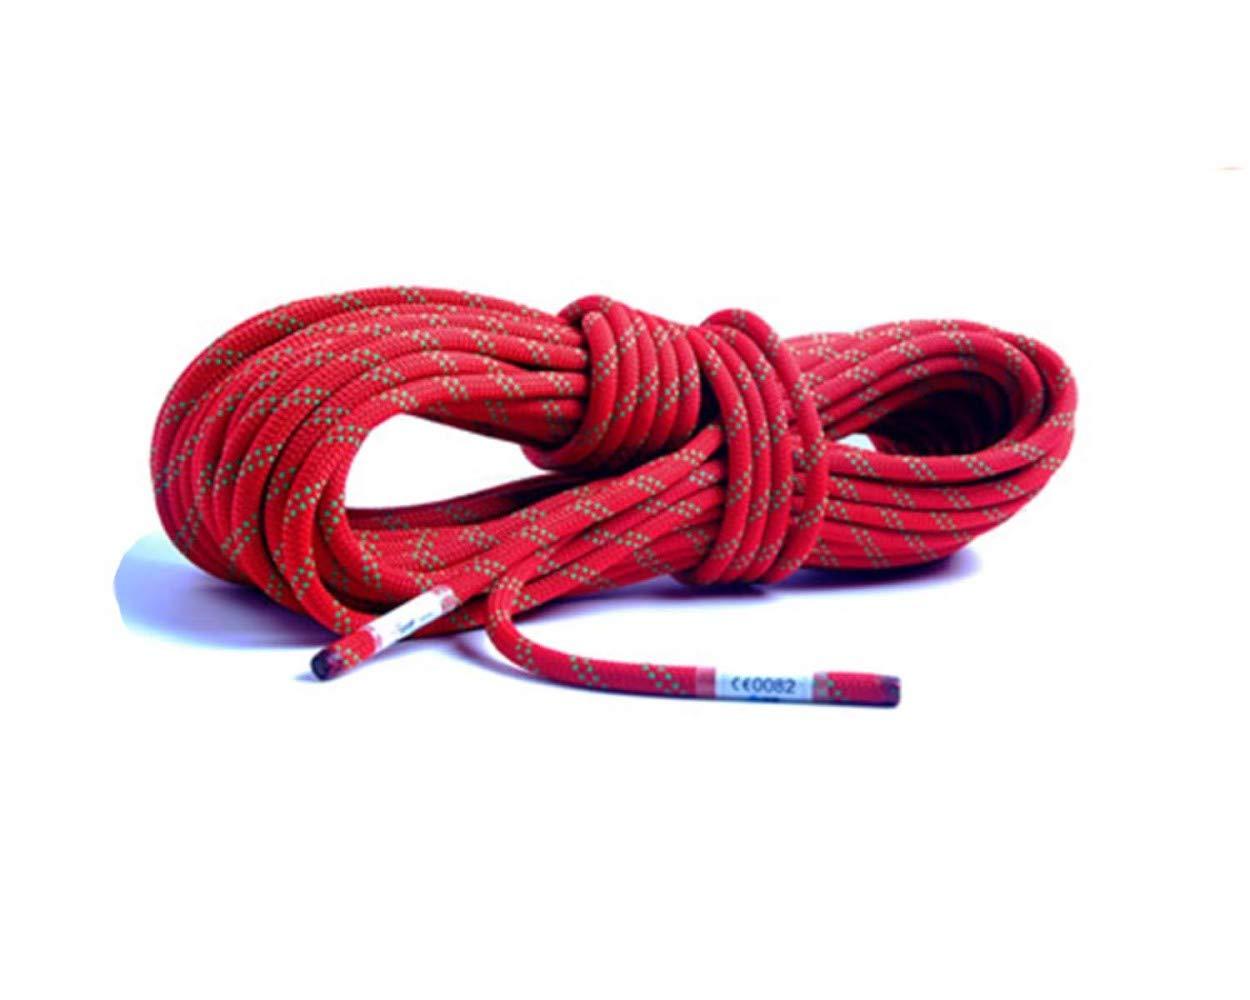 Rouge ZAIYI-Climbing rope 12   14MM Alpinisme Aventure en Plein Air Camping Corde De Sécurité Antidérapante Sauvetage d'urgence Sauvetage,blanc-10m14mm 20m12mm